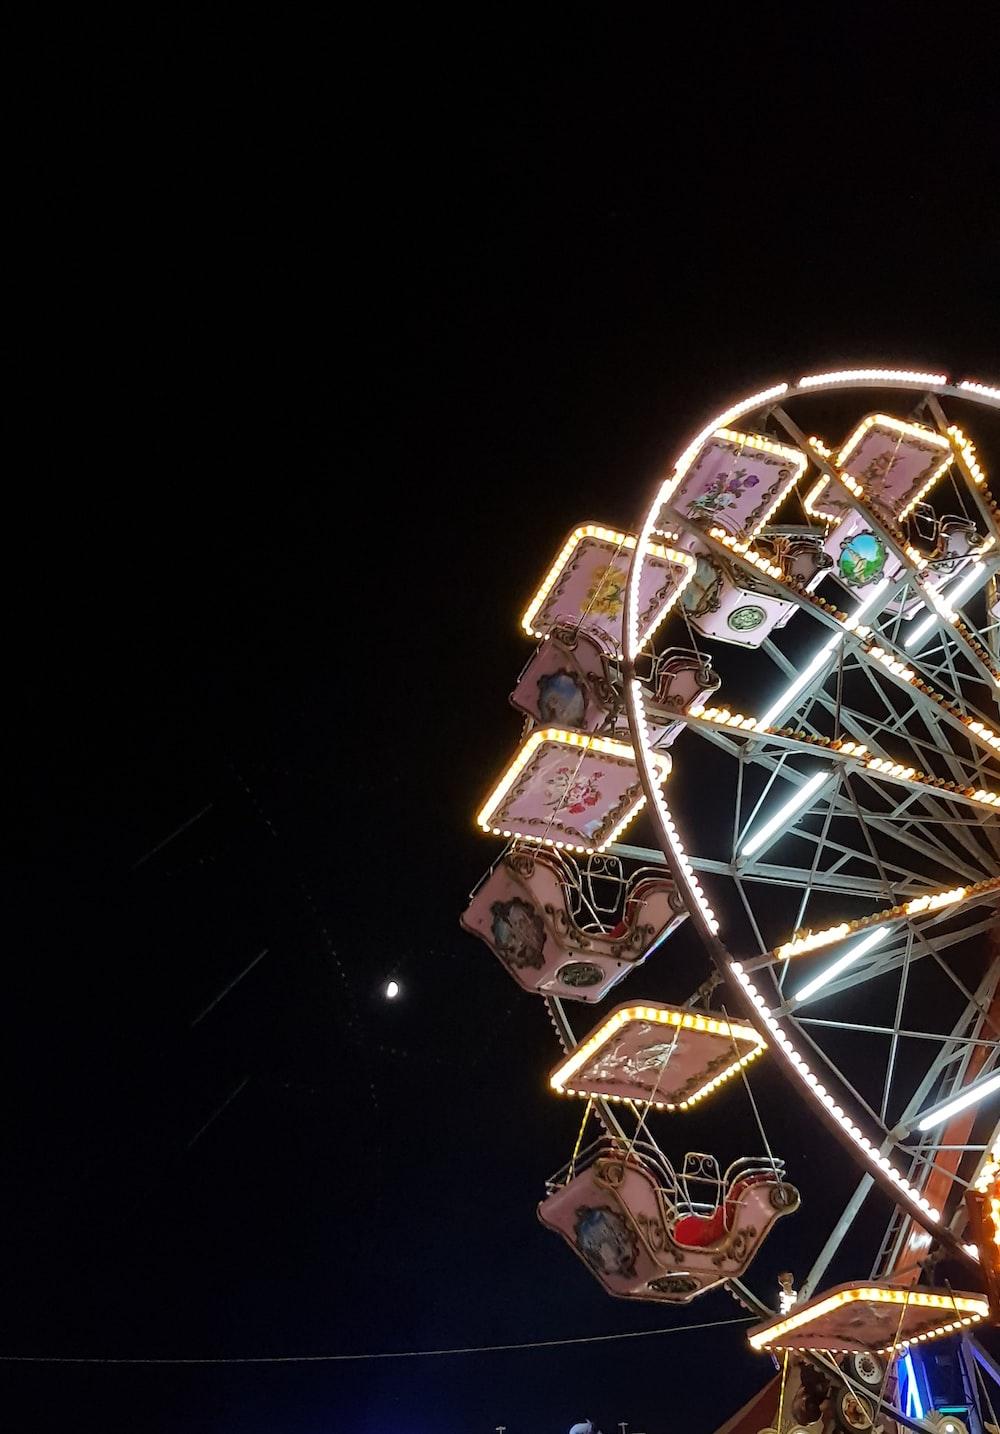 lit ferris wheel during night